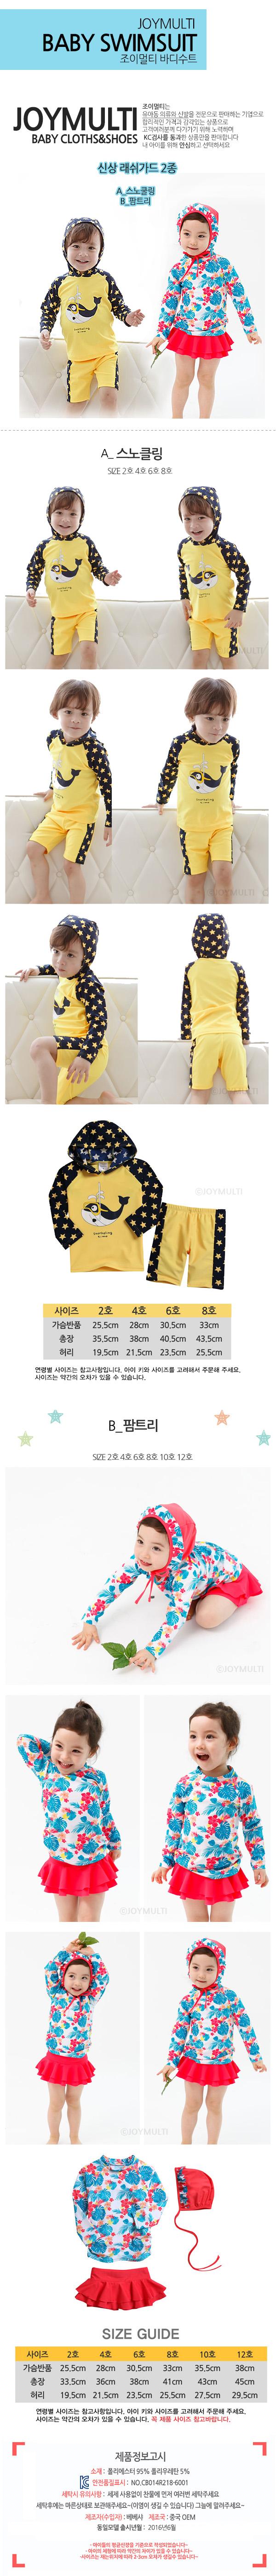 신상 래쉬가드 2종(2-12호) - 조이멀티, 29,500원, 시즌/이벤트의류잡화, 수영복